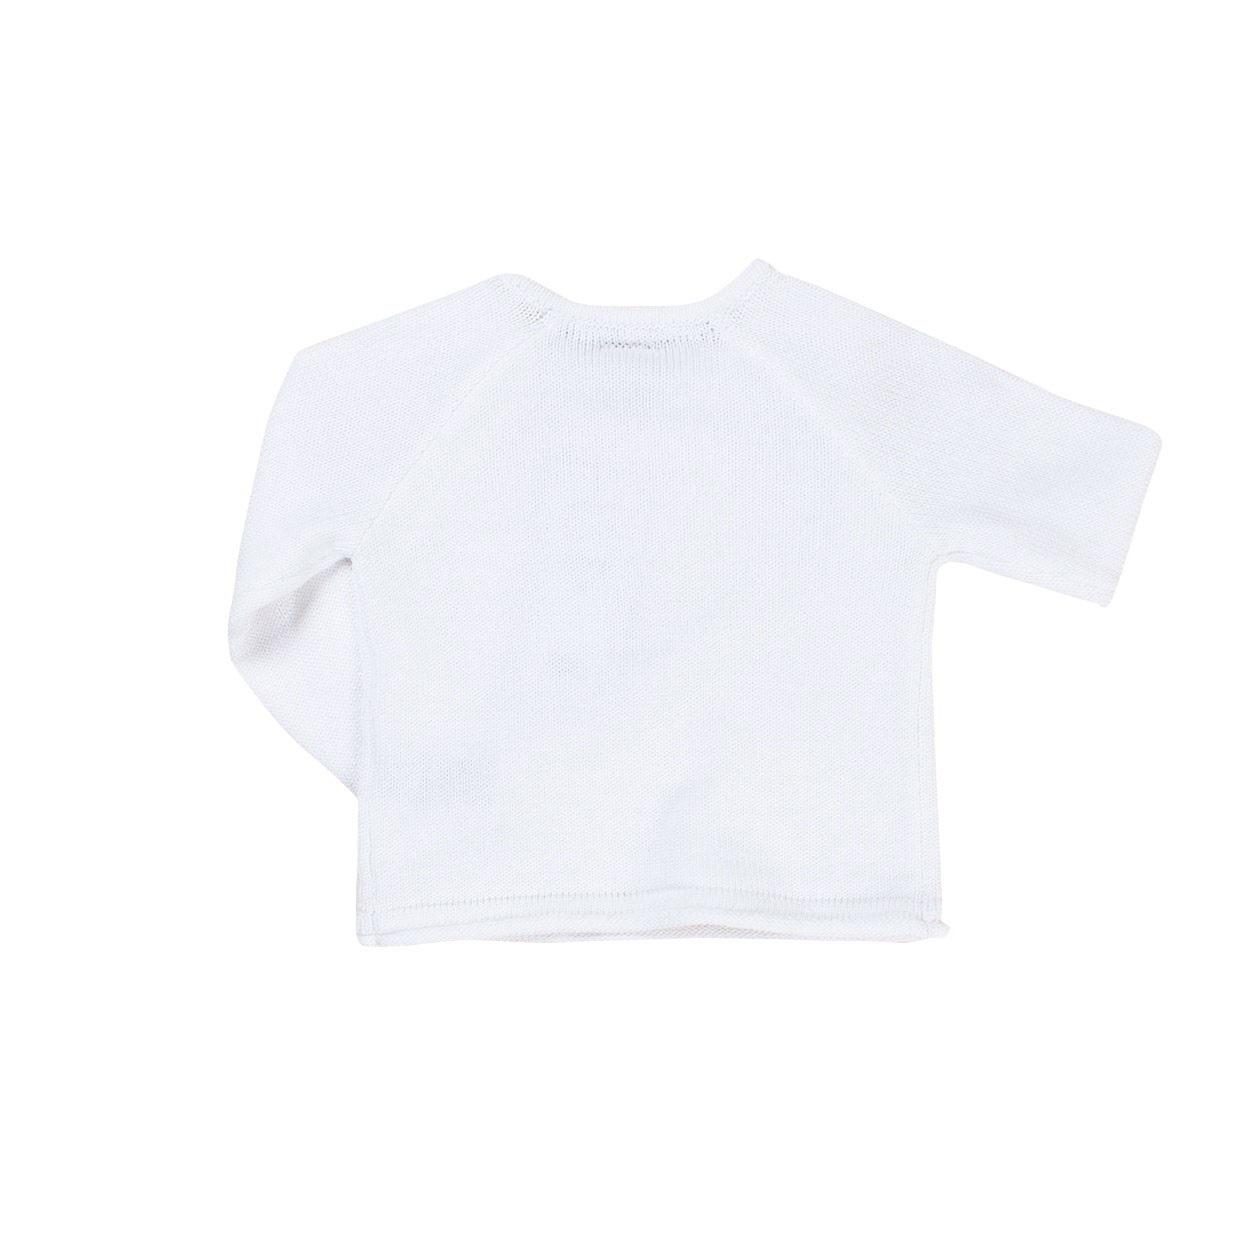 Imagen de Jersey blanco bebe